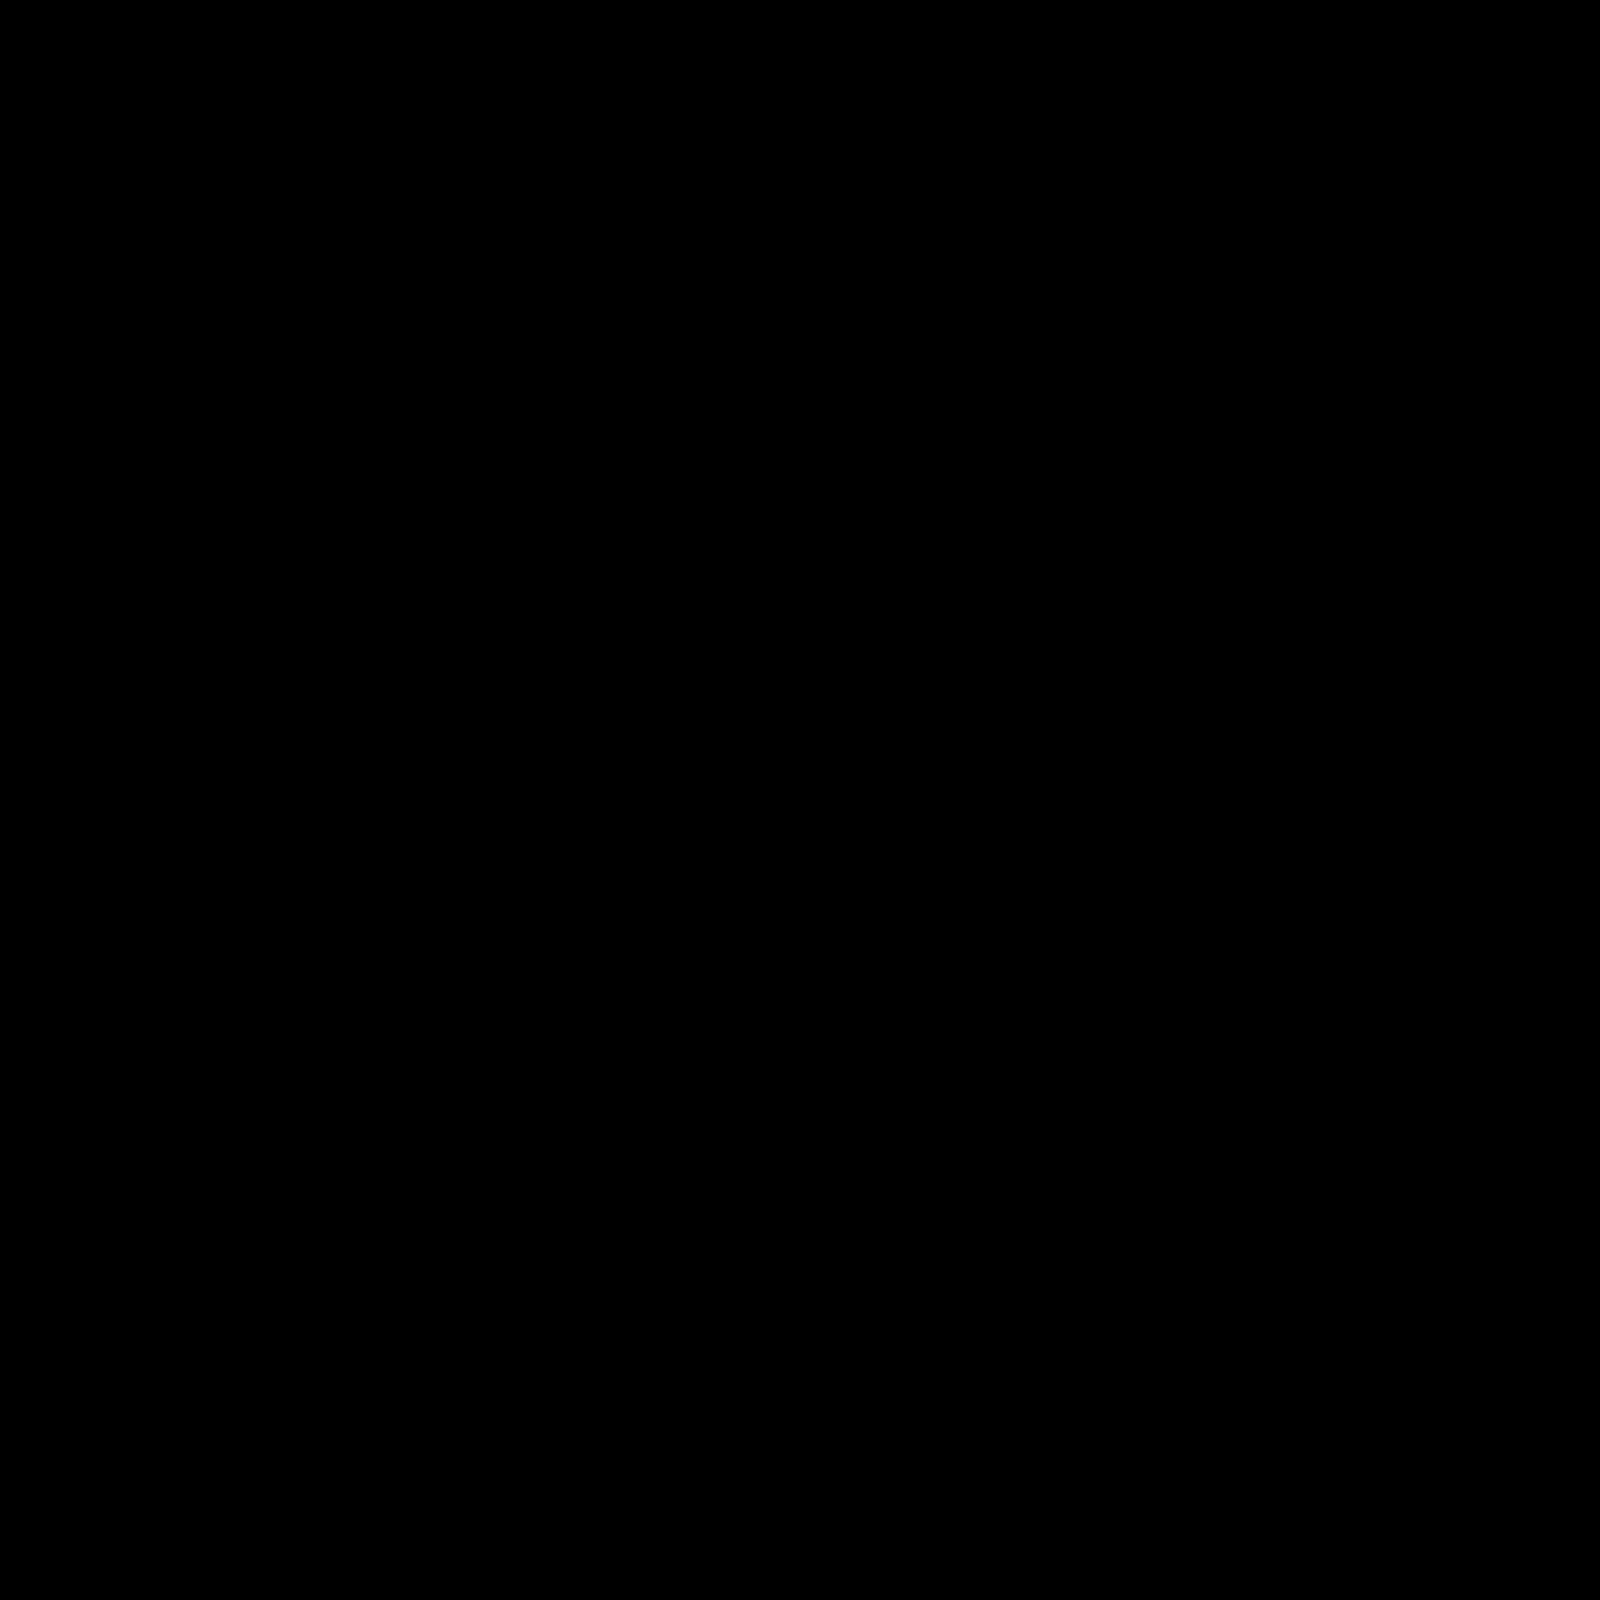 Lucky Egg Score icon